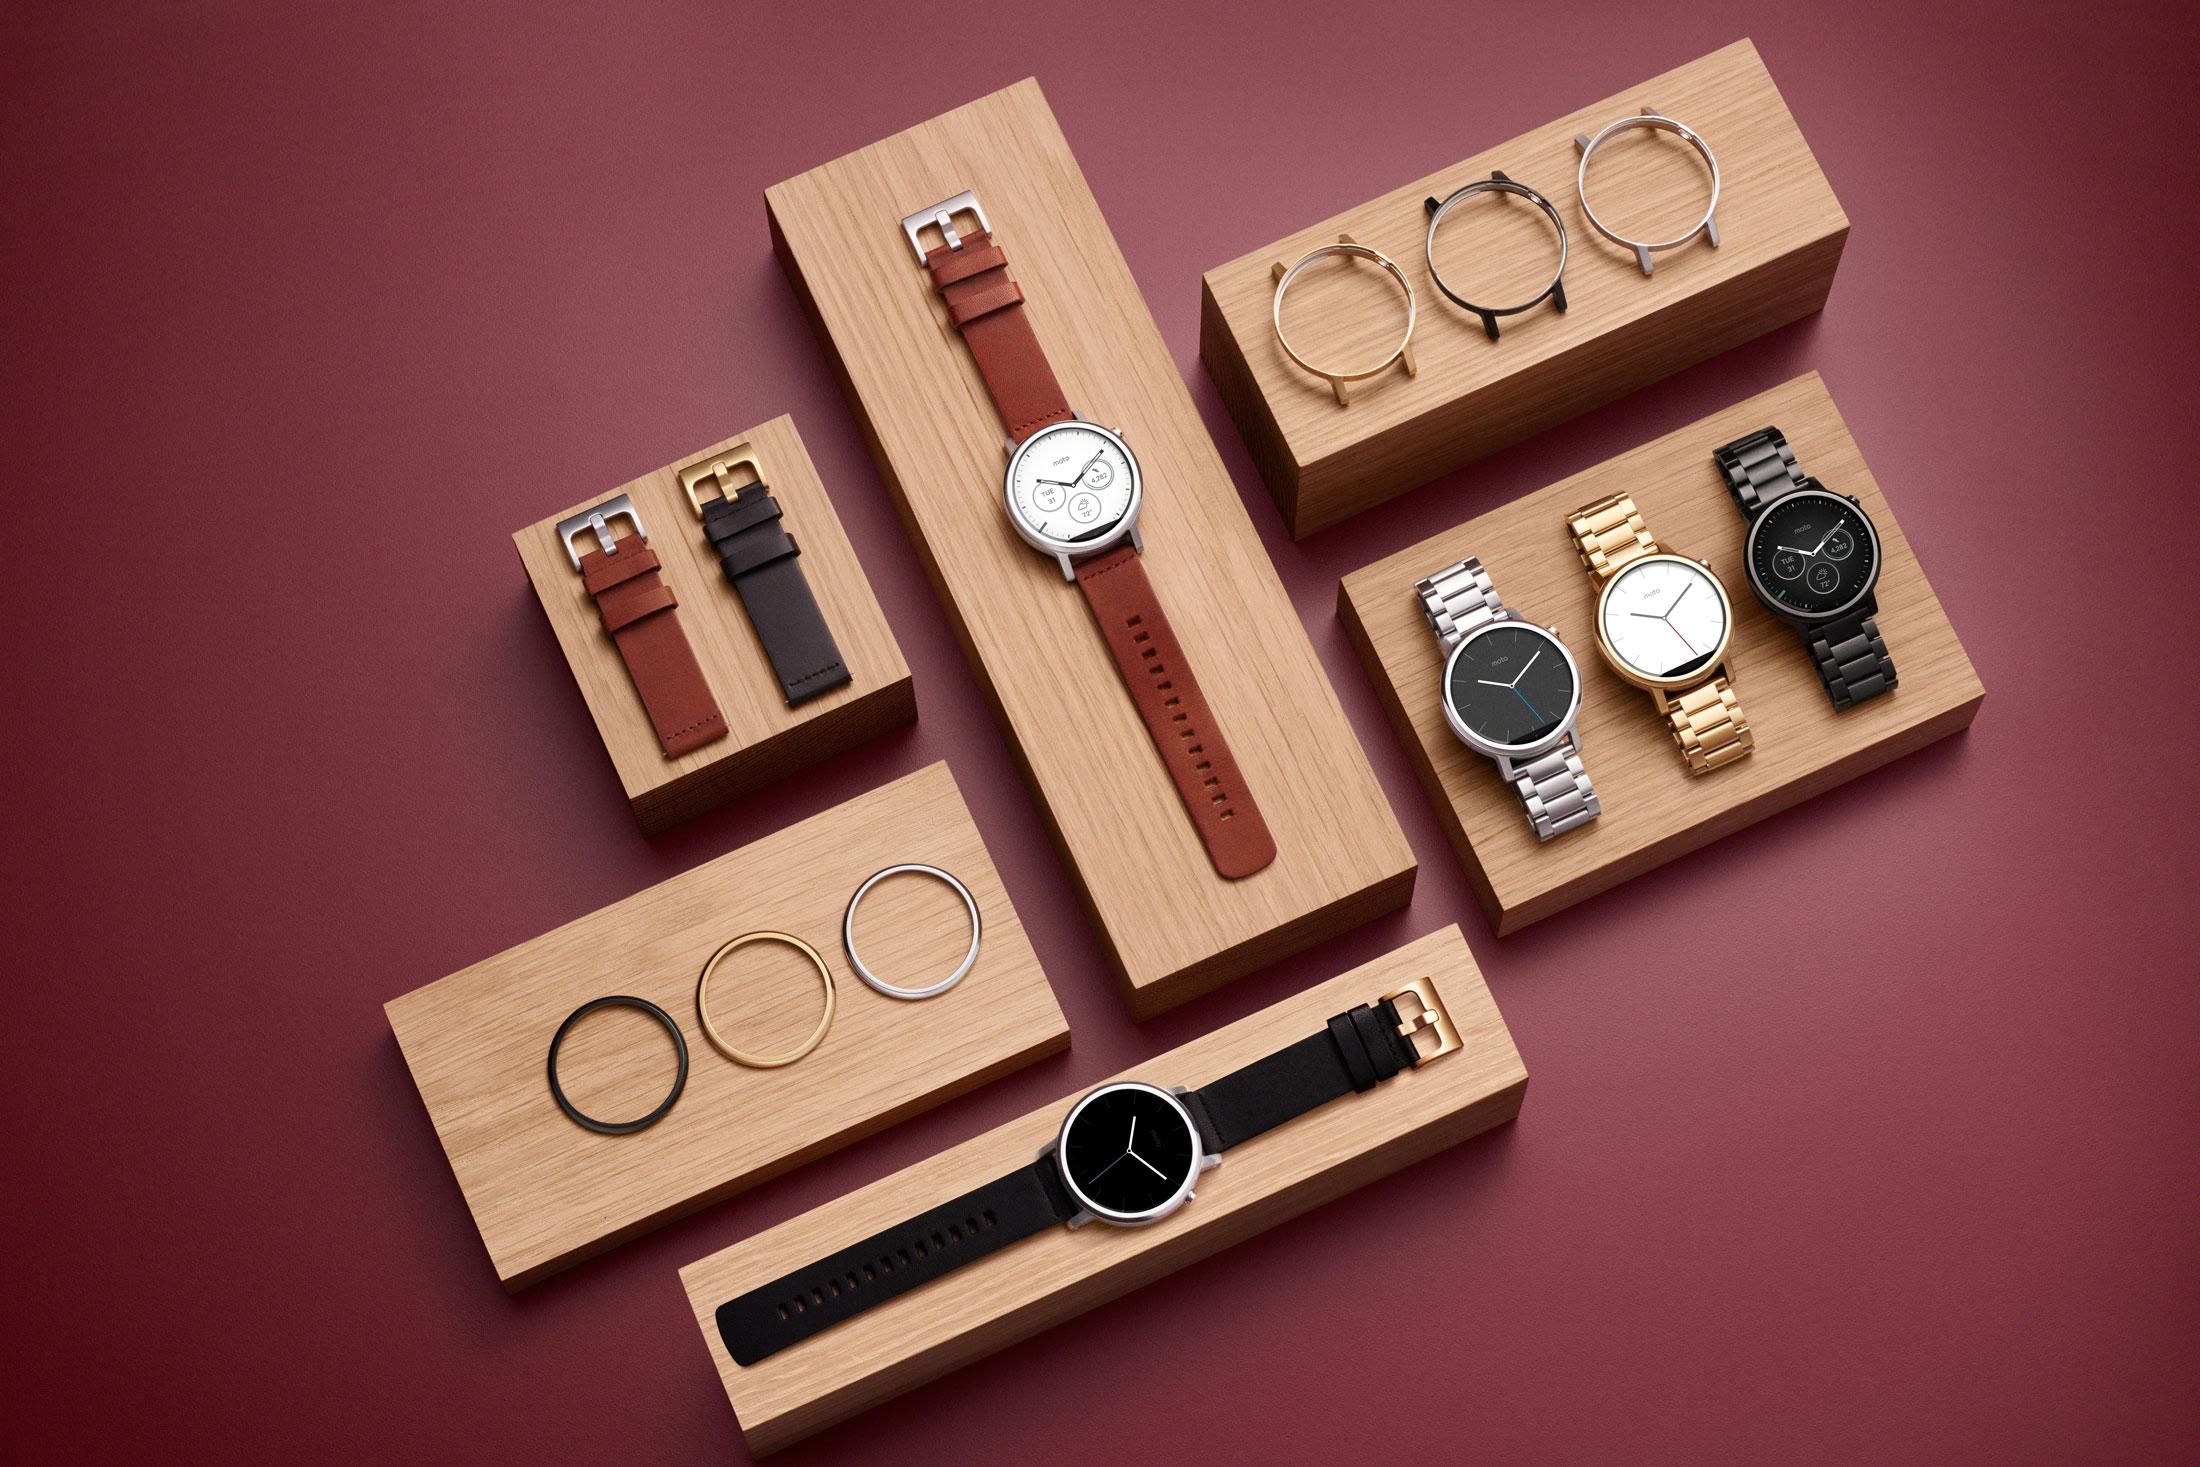 نمایی از مدل های مختلف ساعت هوشمند موتورولا